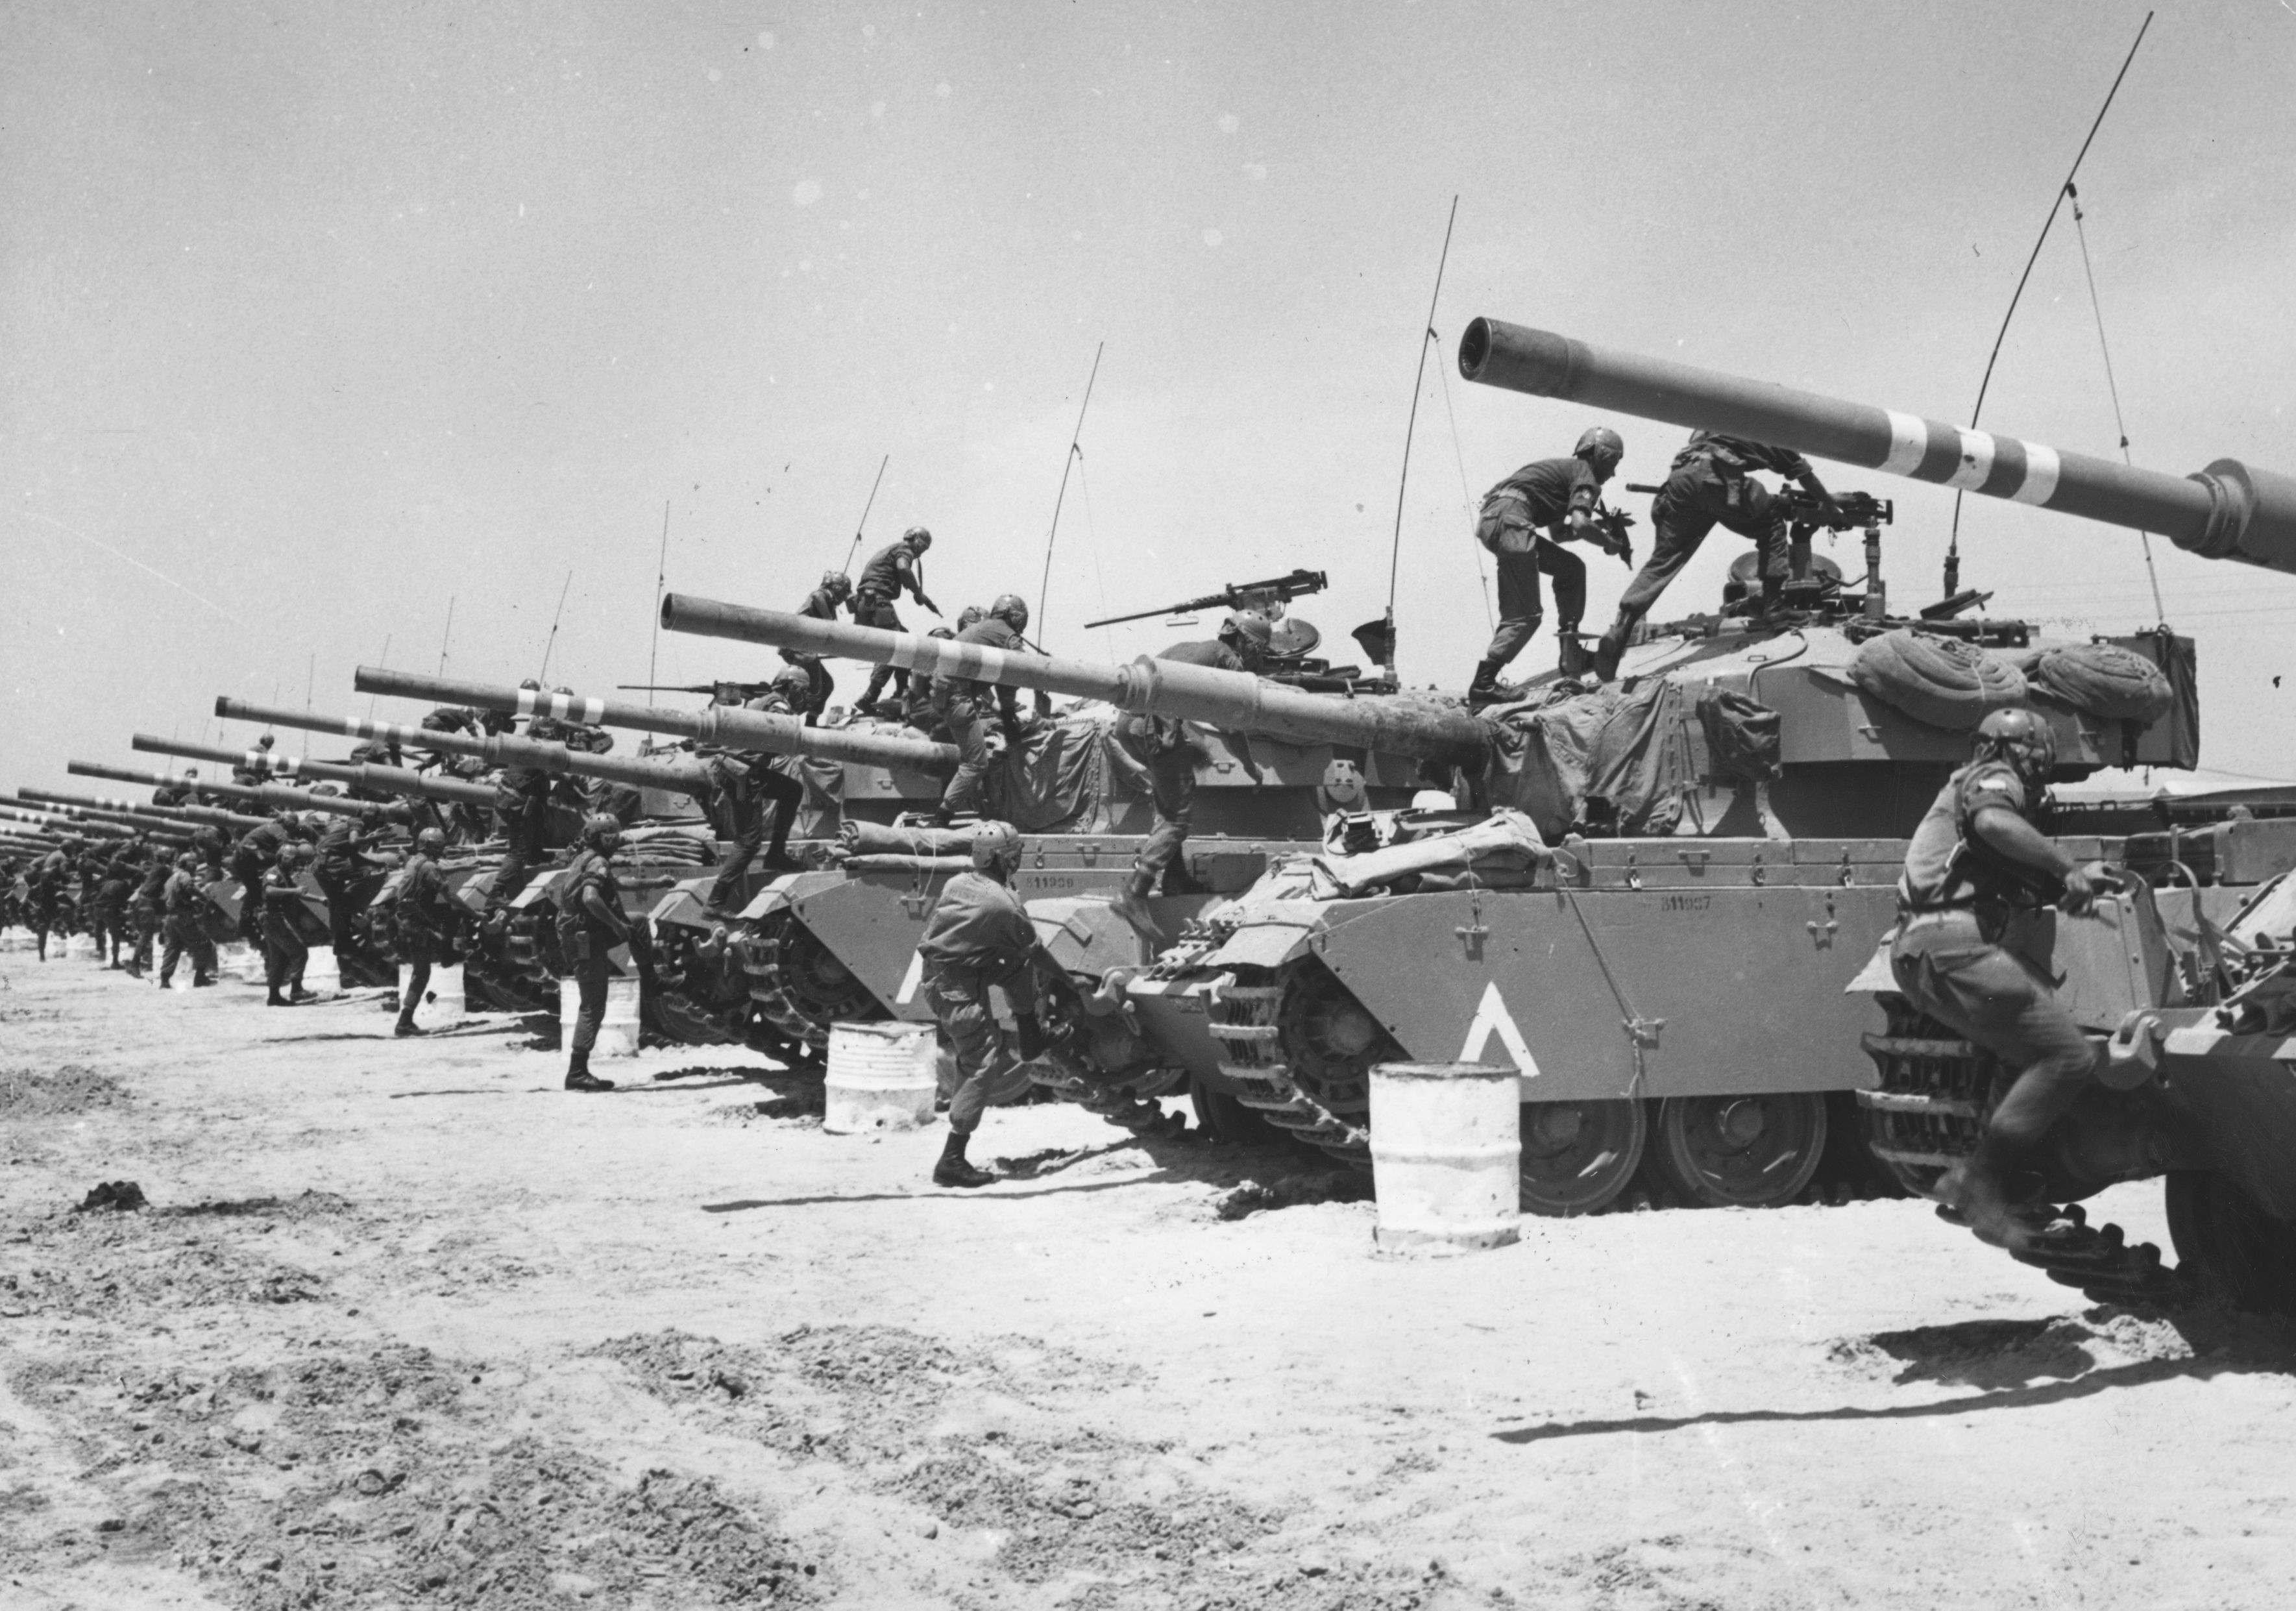 حرب 1967 أطول حرب في تاريخ إسرائيل